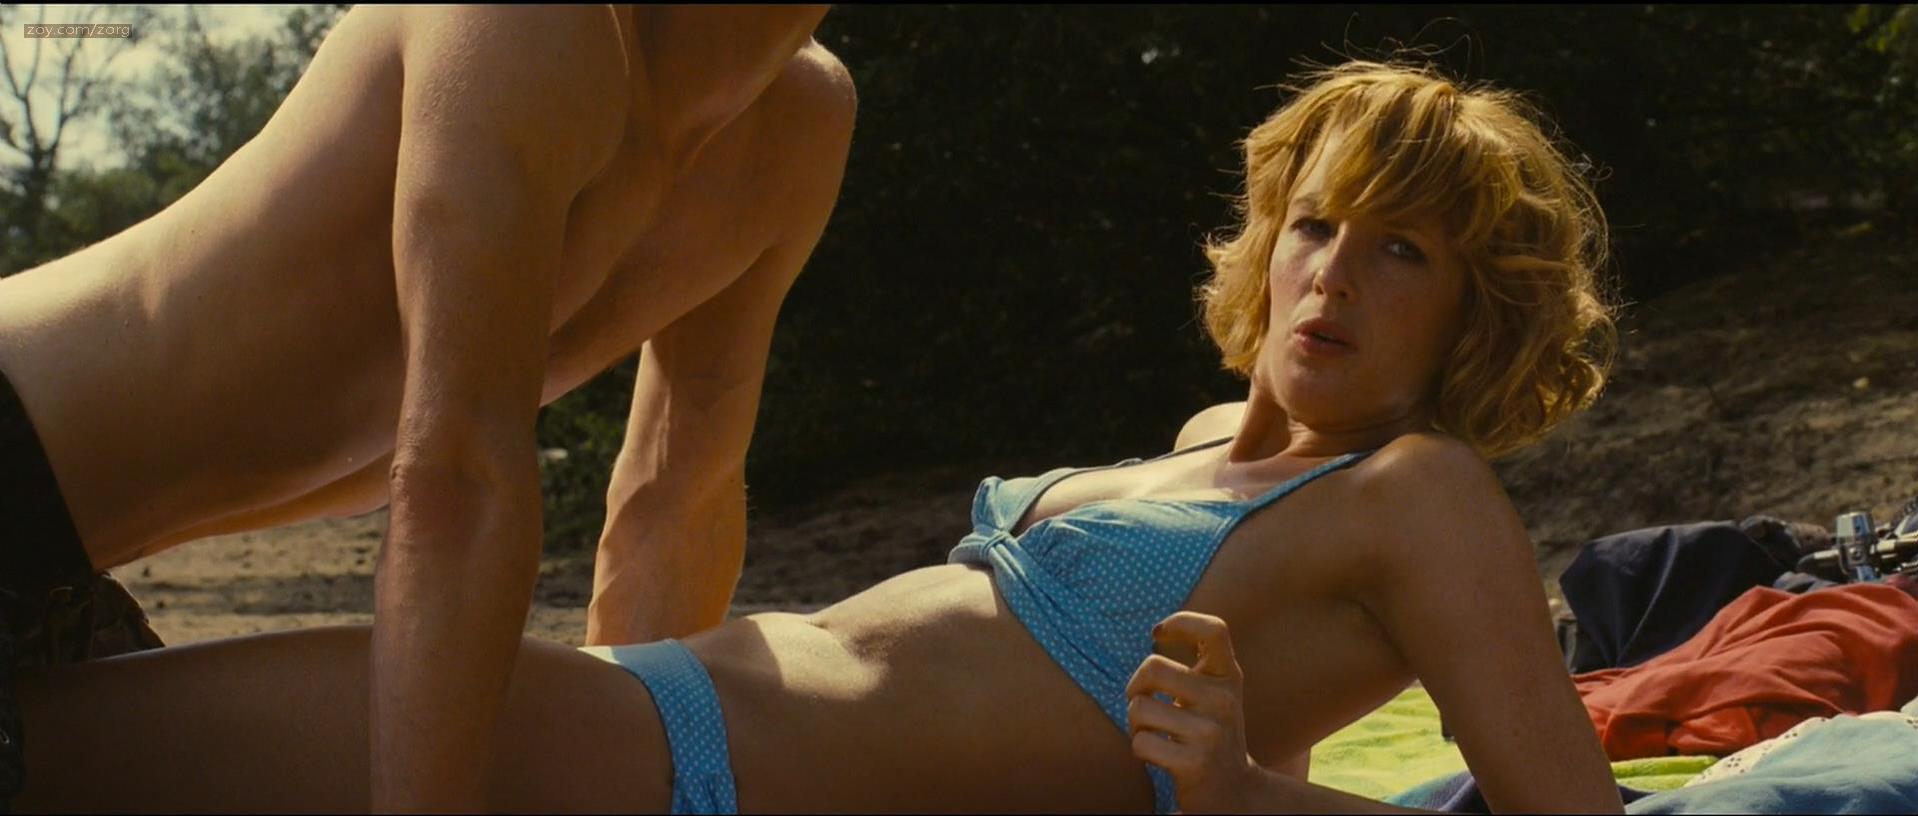 Vanessa hudgens full frontal nude